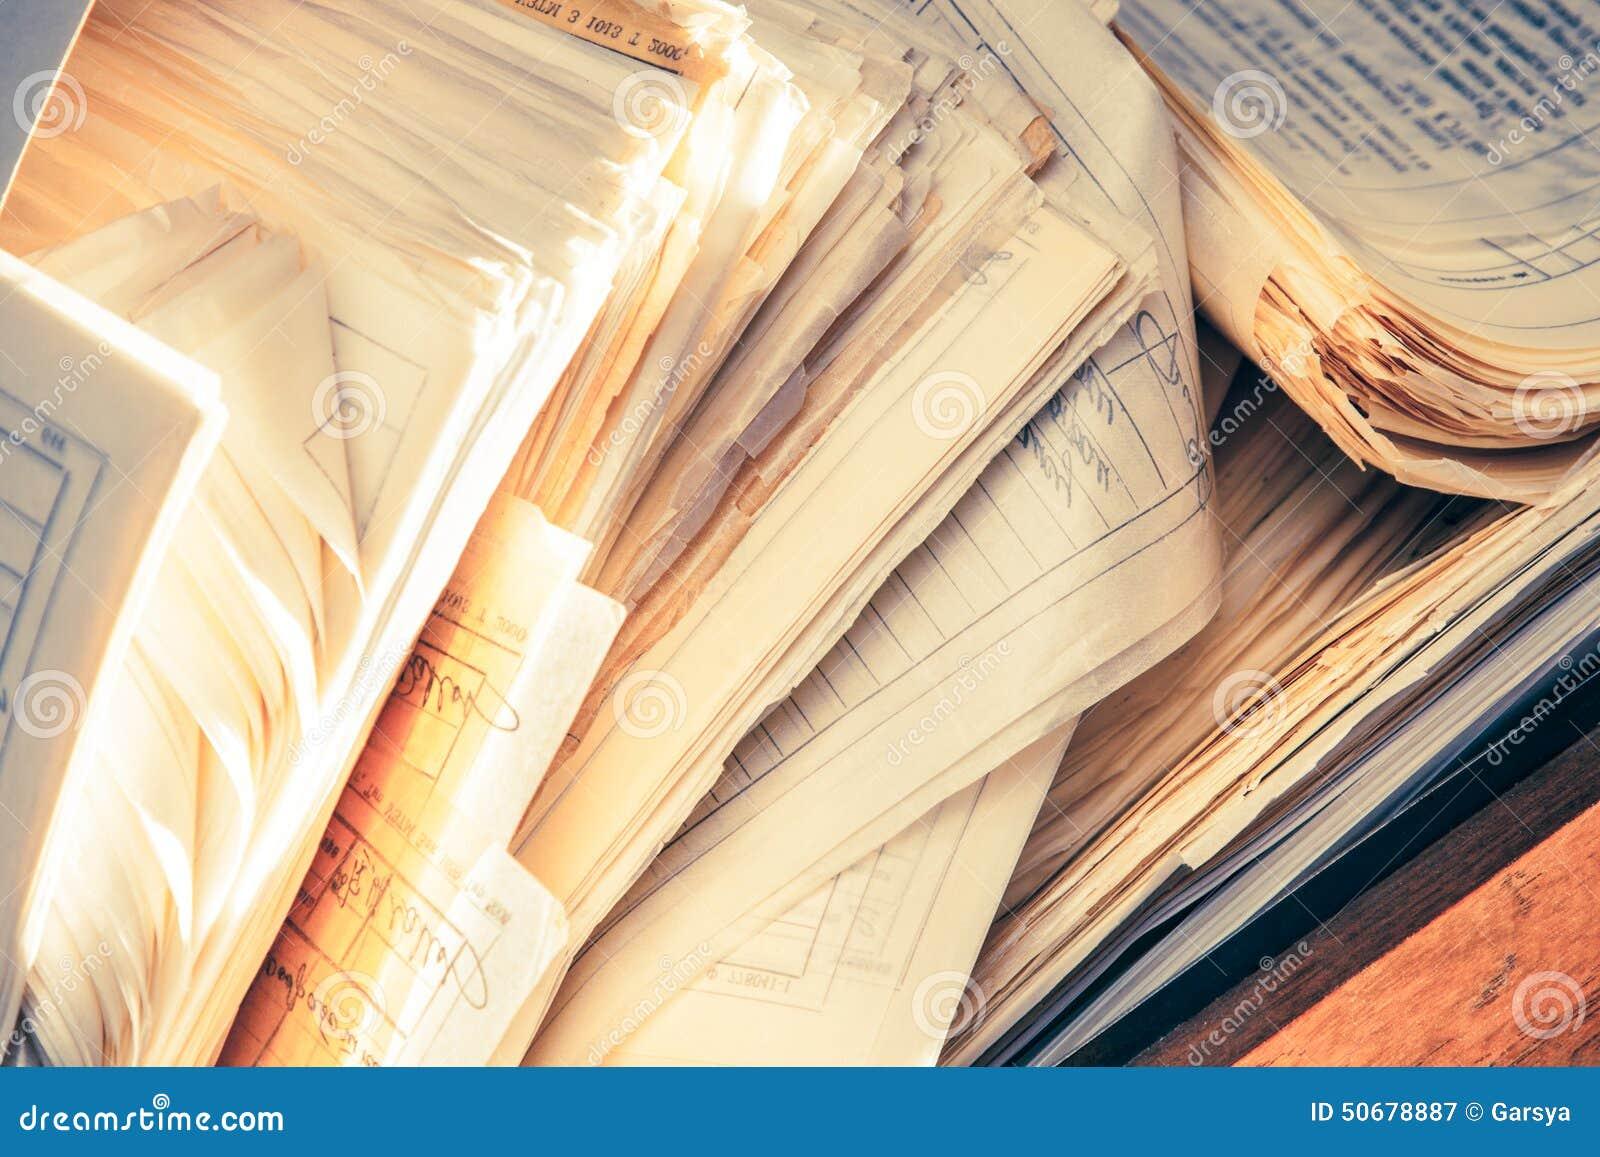 Download 肮脏的杂乱纸张文件 库存图片. 图片 包括有 文件夹, 管理, 尘土, 数据, 寄存器, 搜索, 笔记本 - 50678887